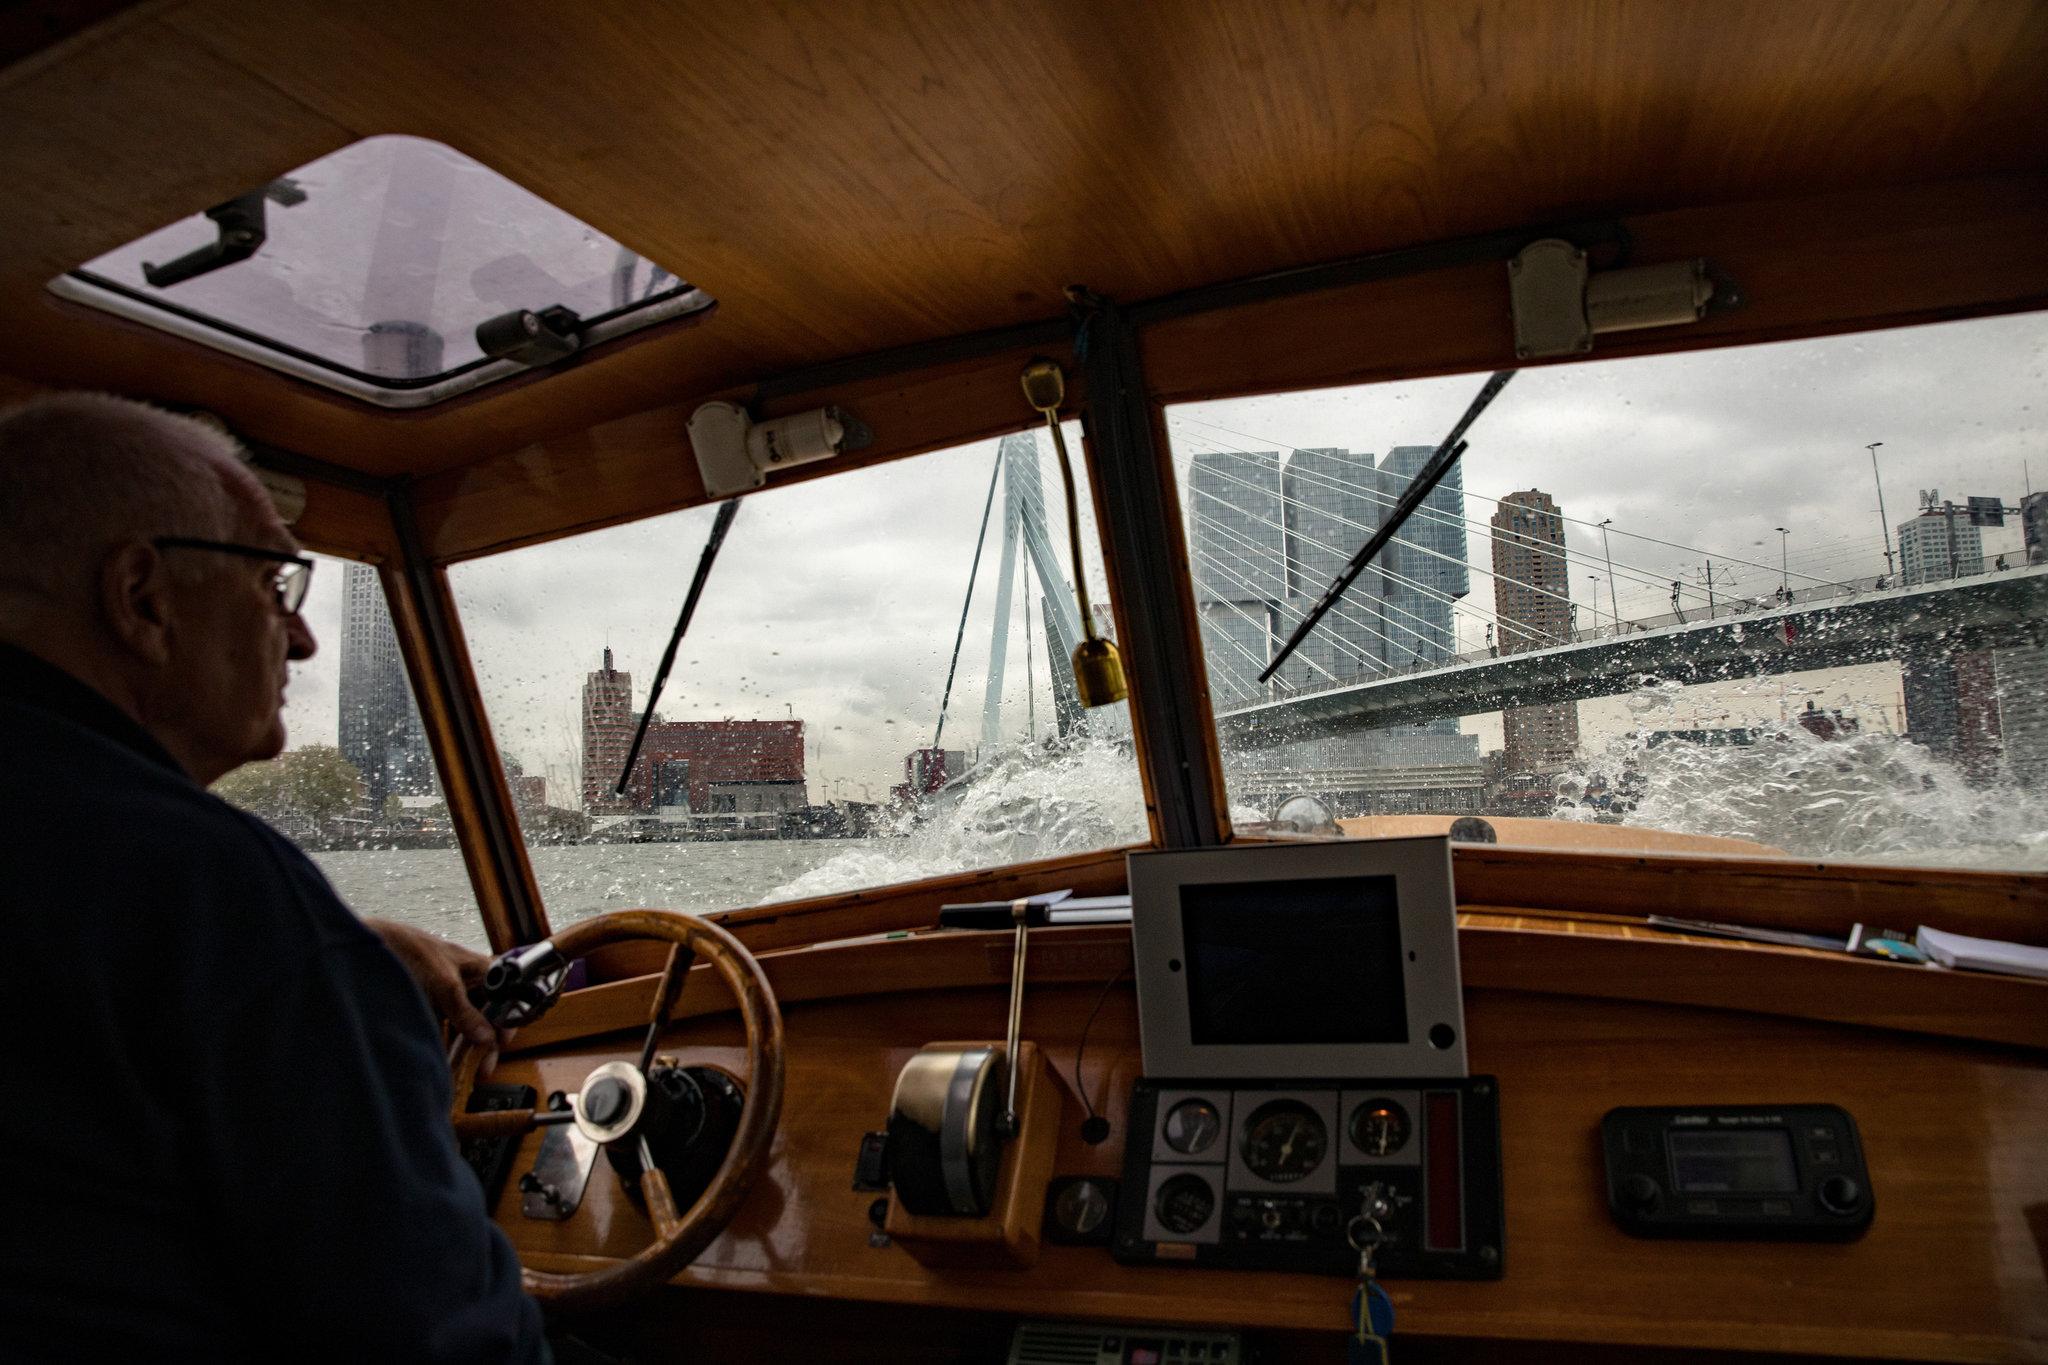 Hà Lan: Biến đổi khí hậu là một cơ hội để phát triển